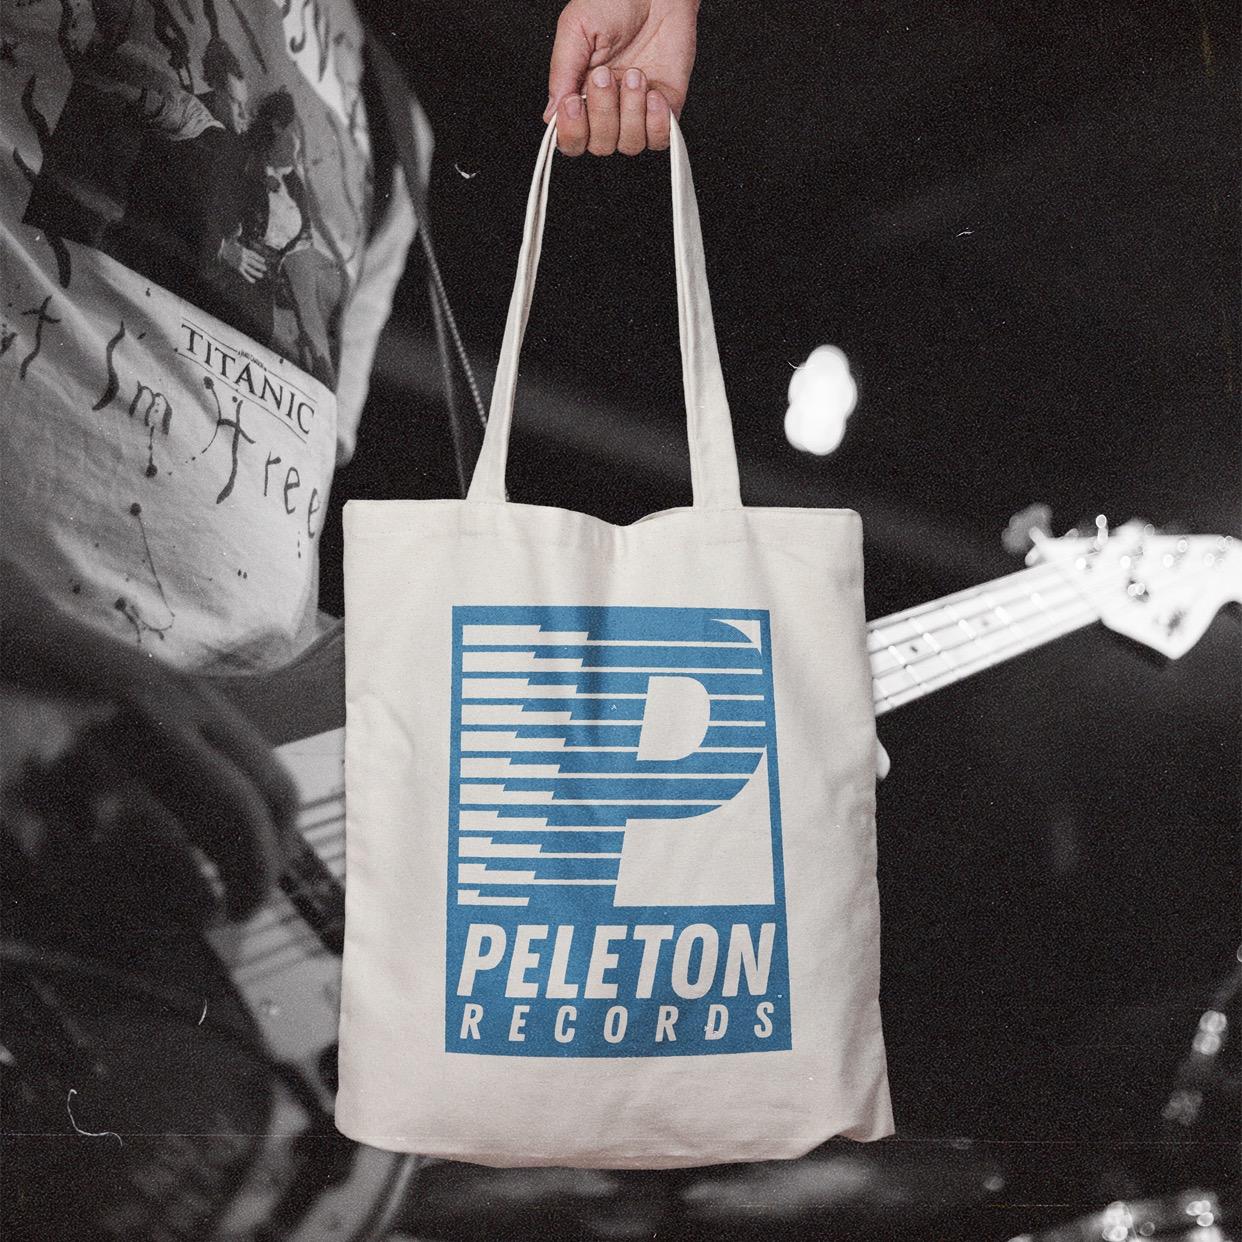 Peleton Records - Tote Bag Natural